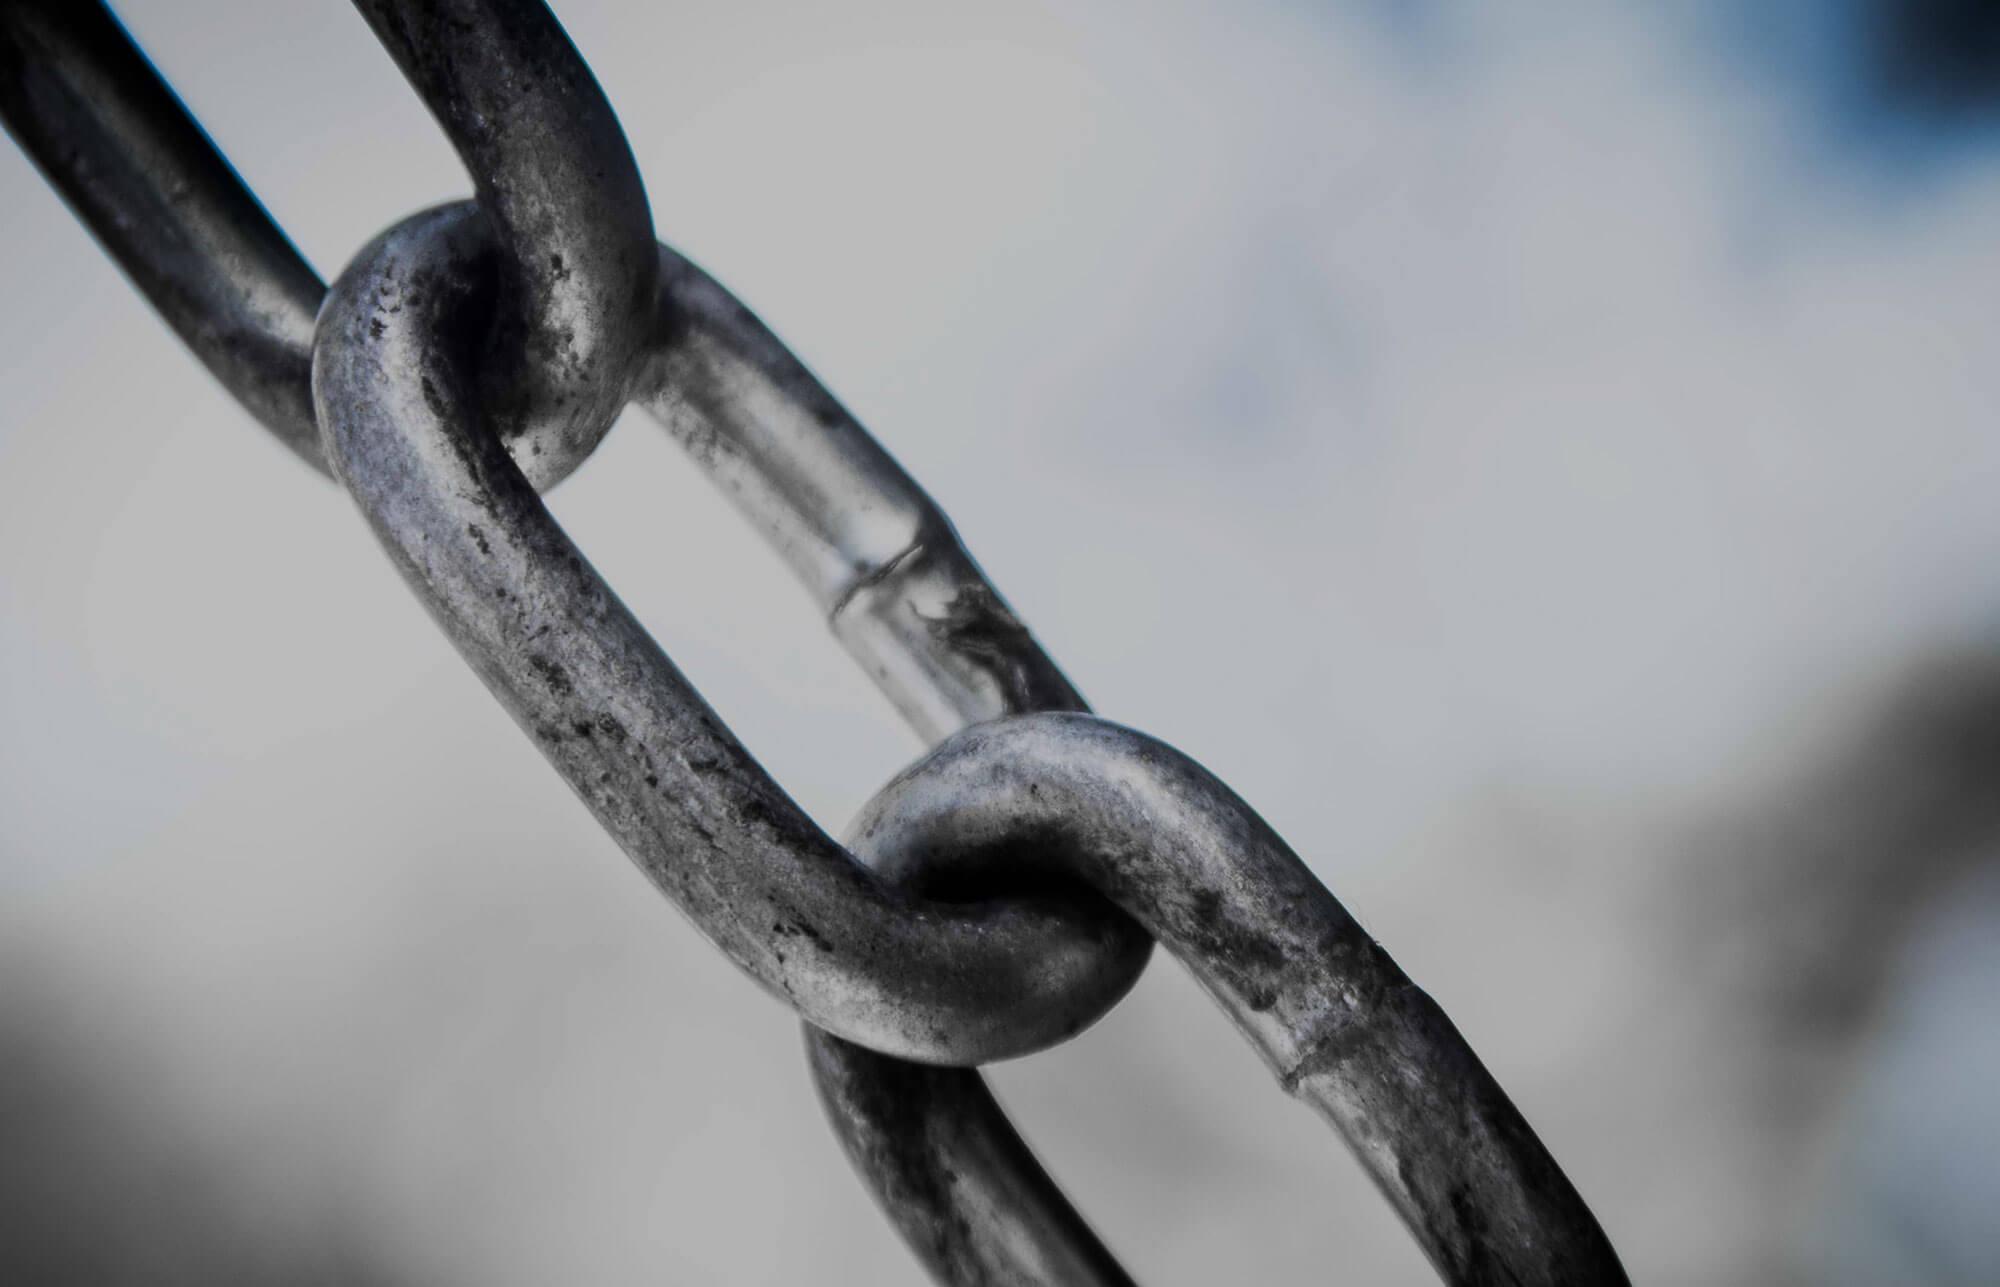 metafinanz ist Gastgeber des 8. Blockchain Stammtisches des Blockchain Bundesverband e.V.